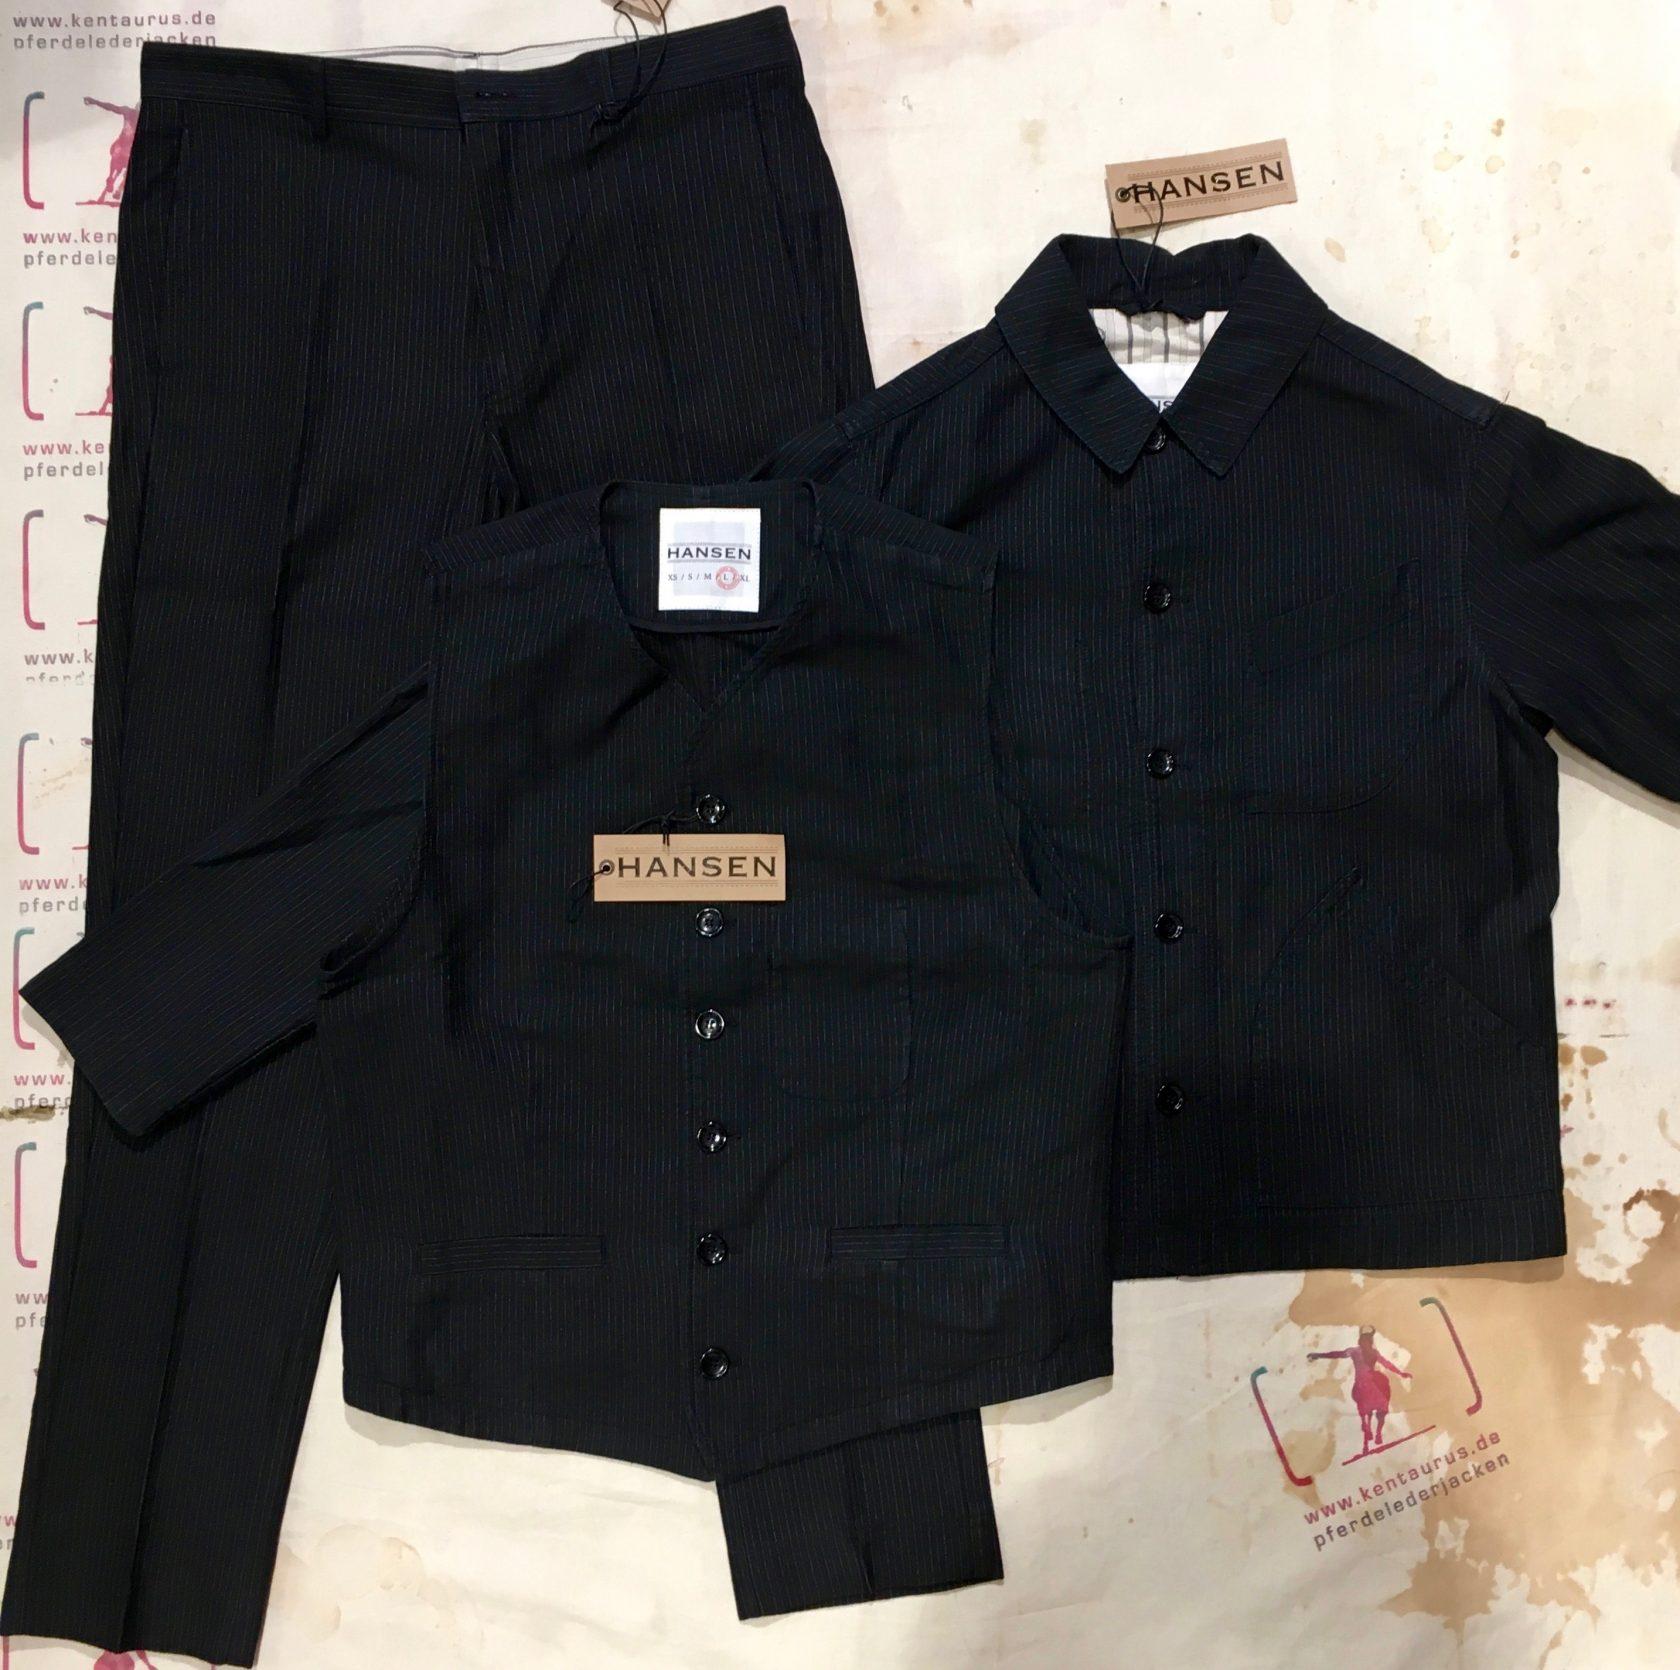 Hansen  3piece work suit black pin